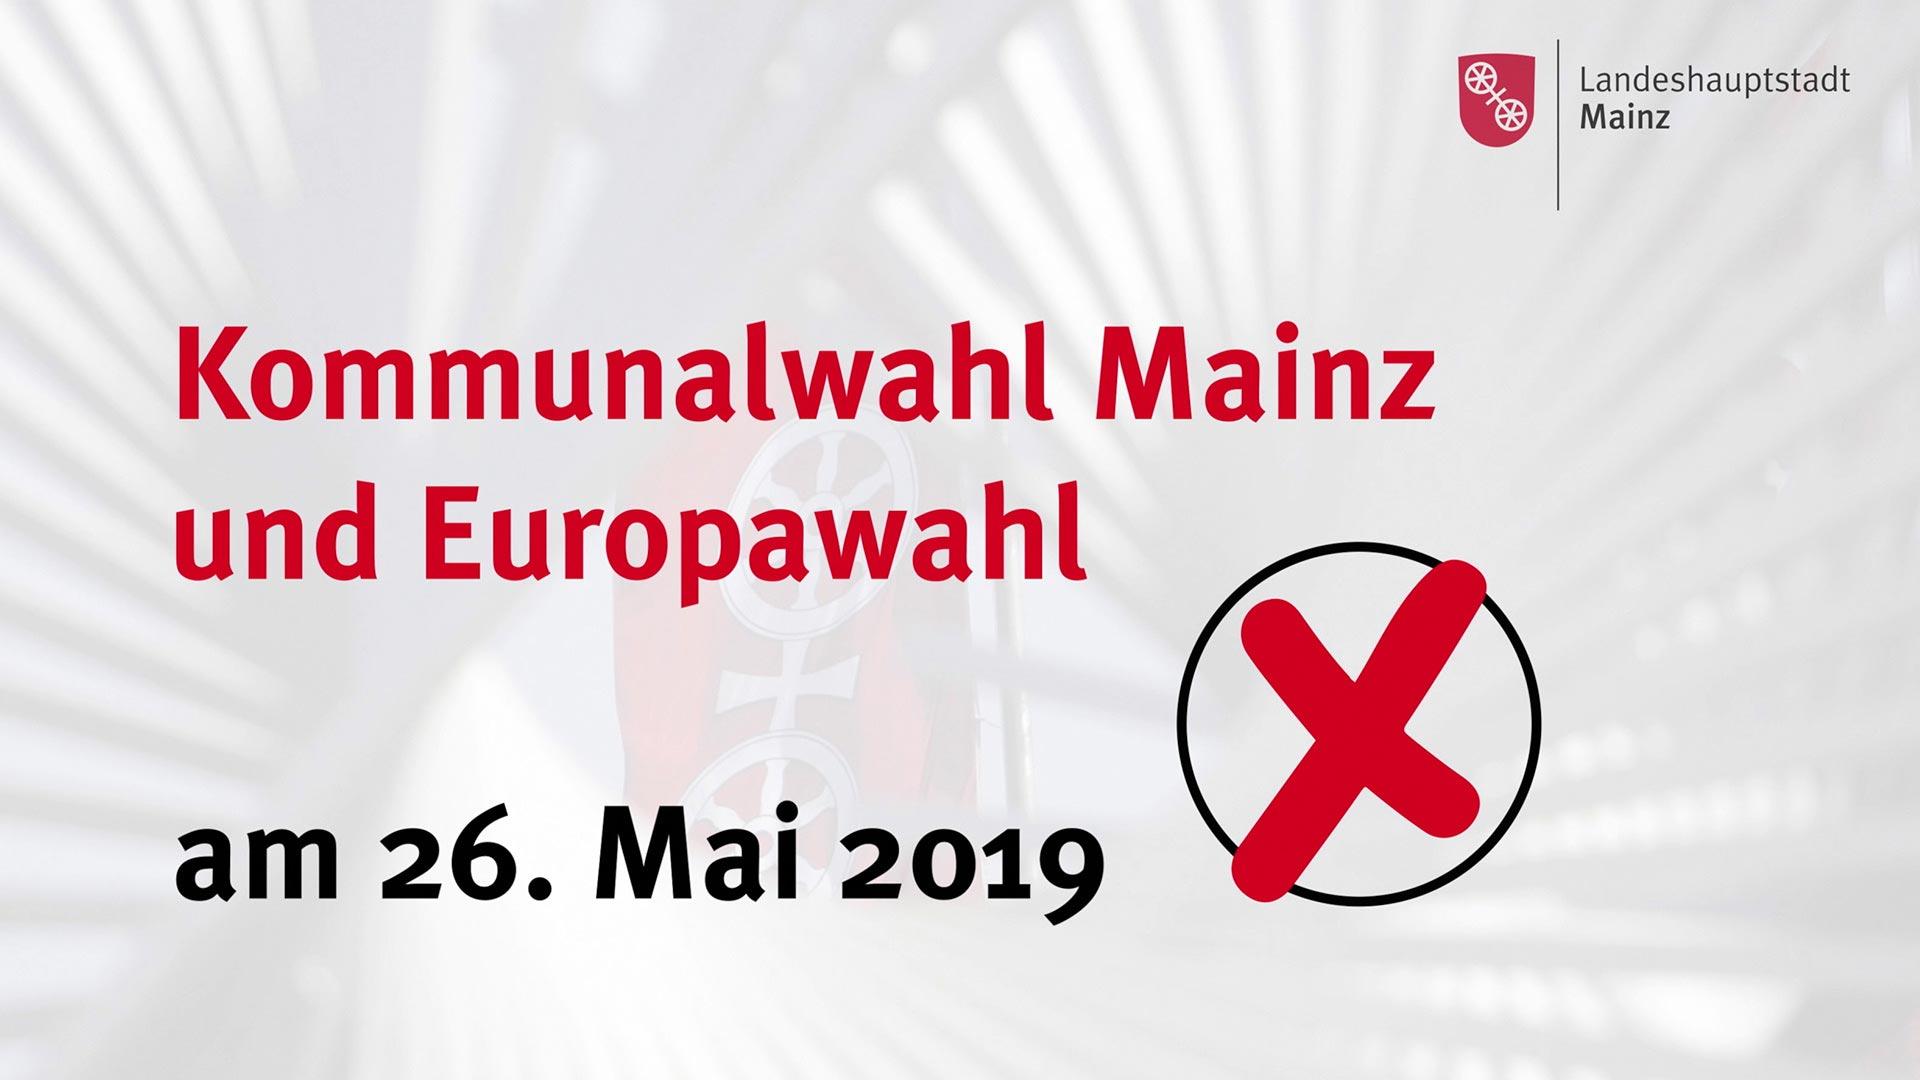 Stadt Mainz - Video zur Kommunalwahl